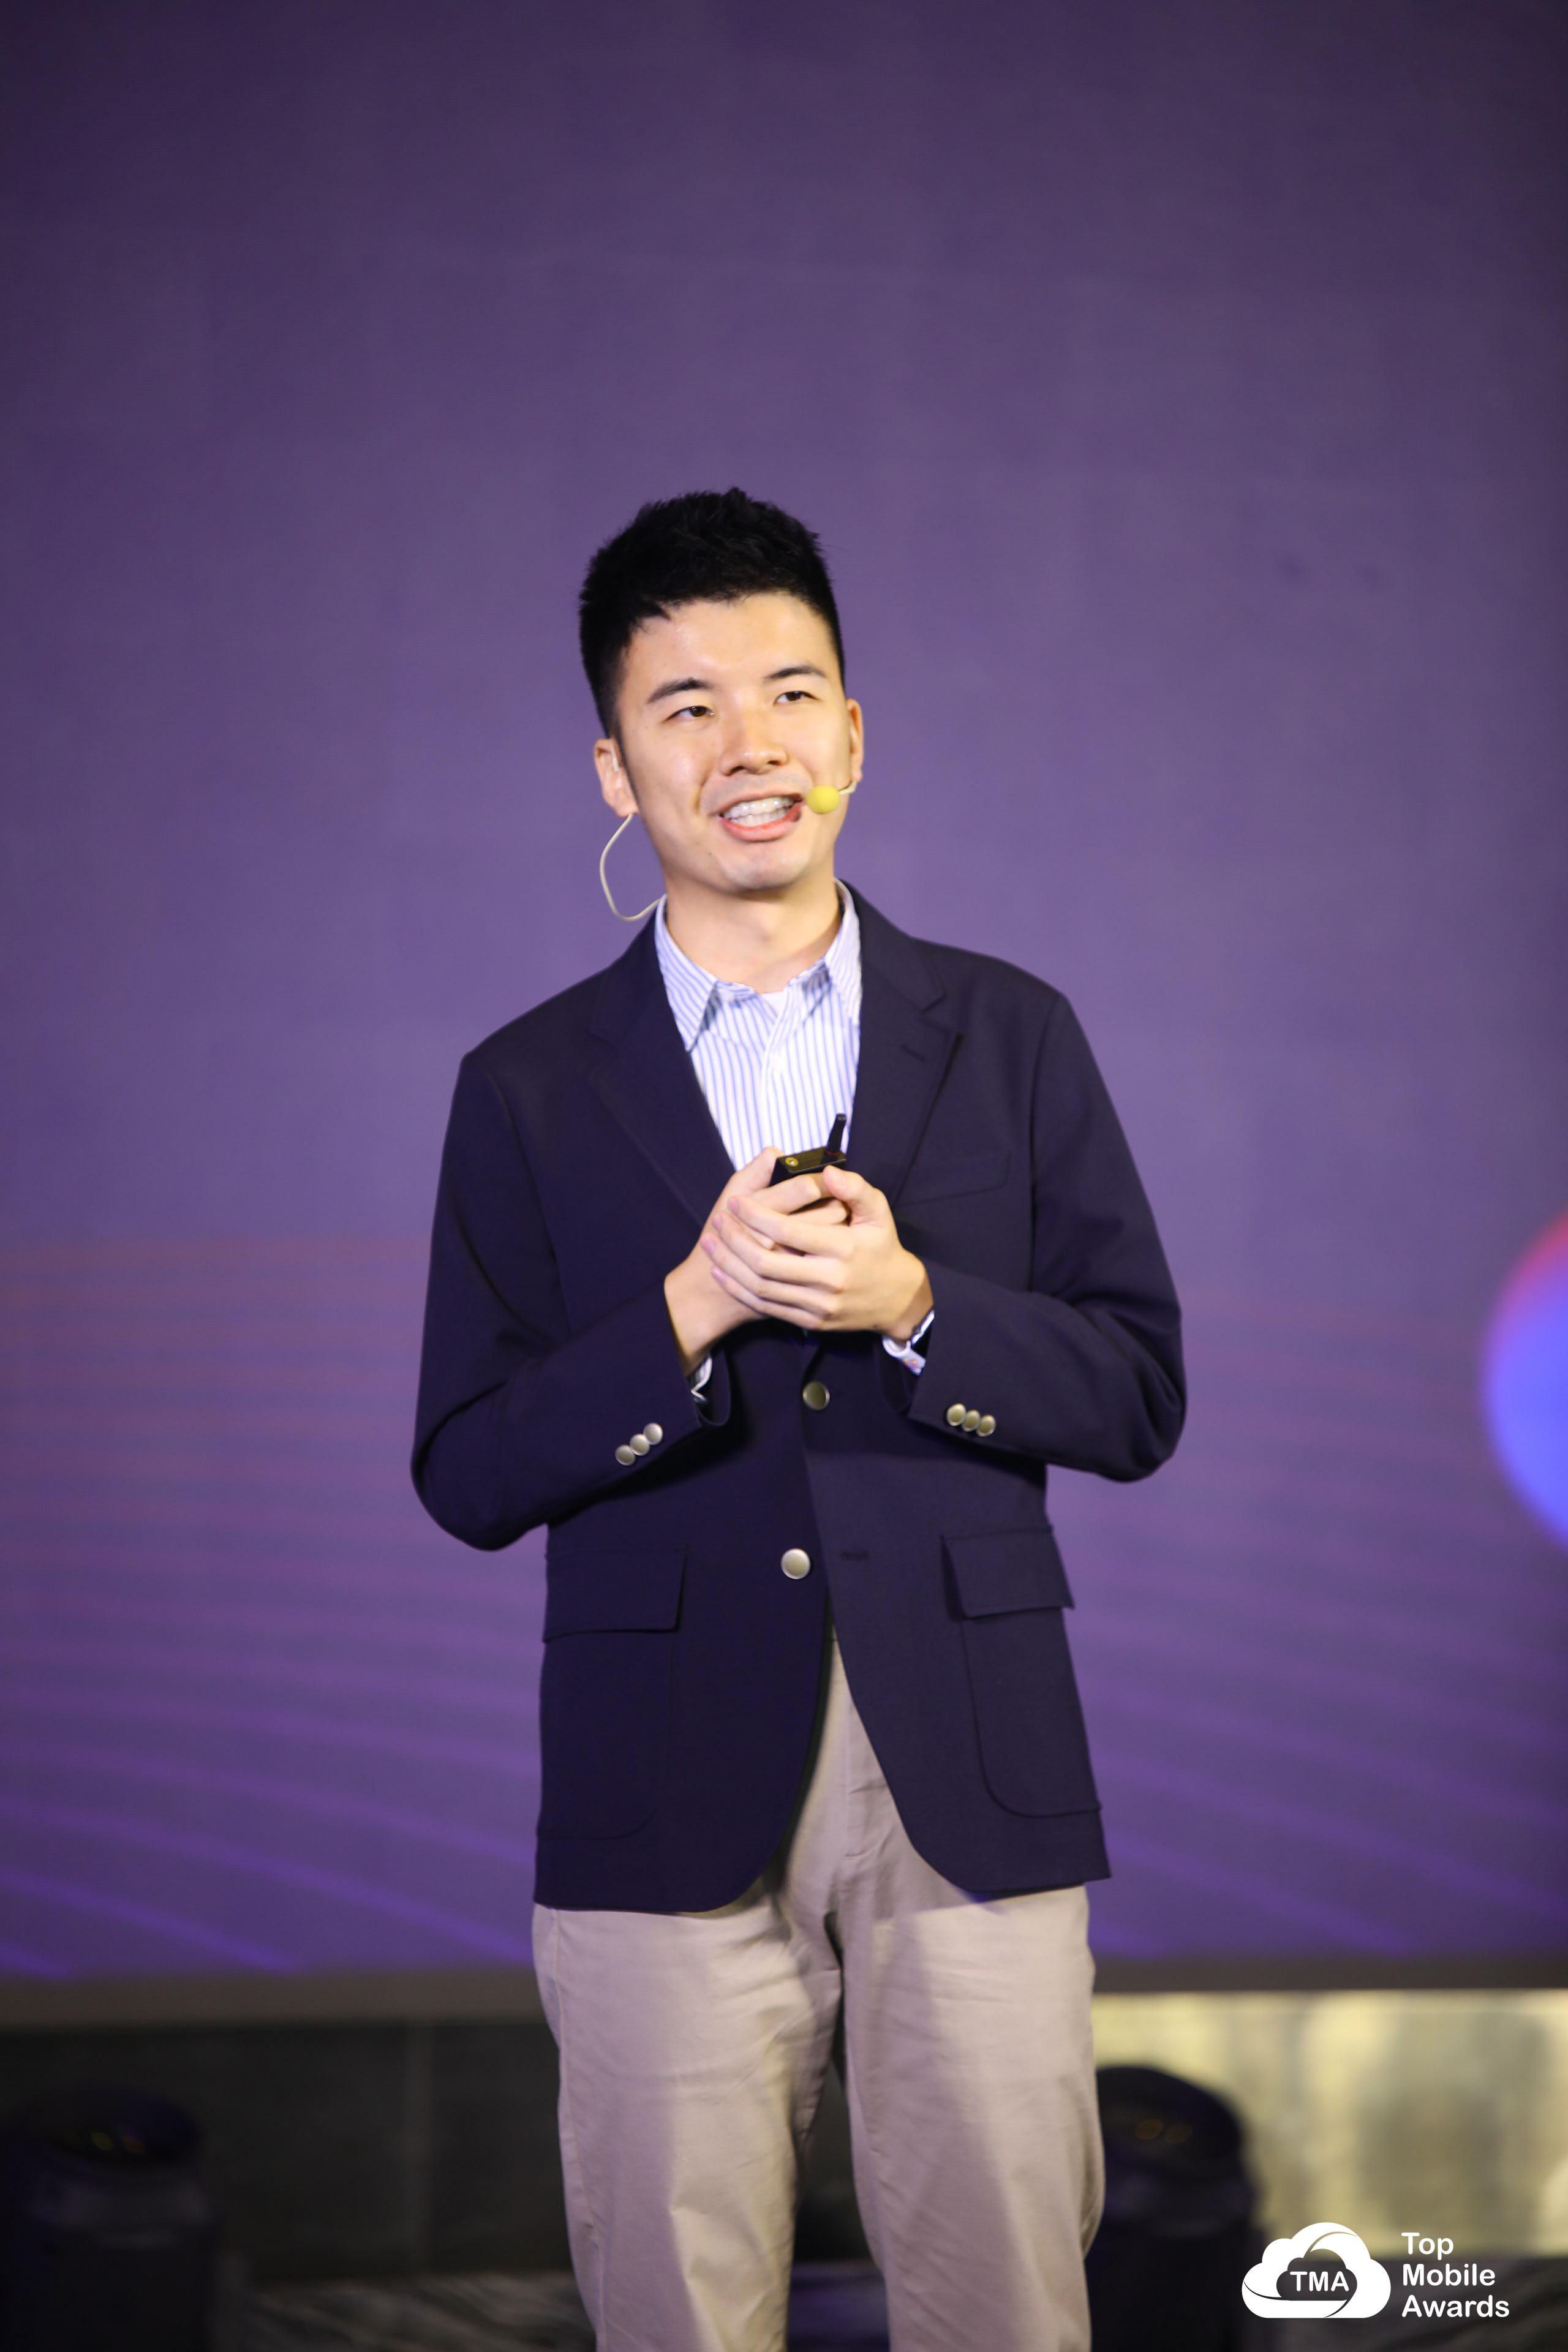 网易传媒营销策略研究员彭楷迪